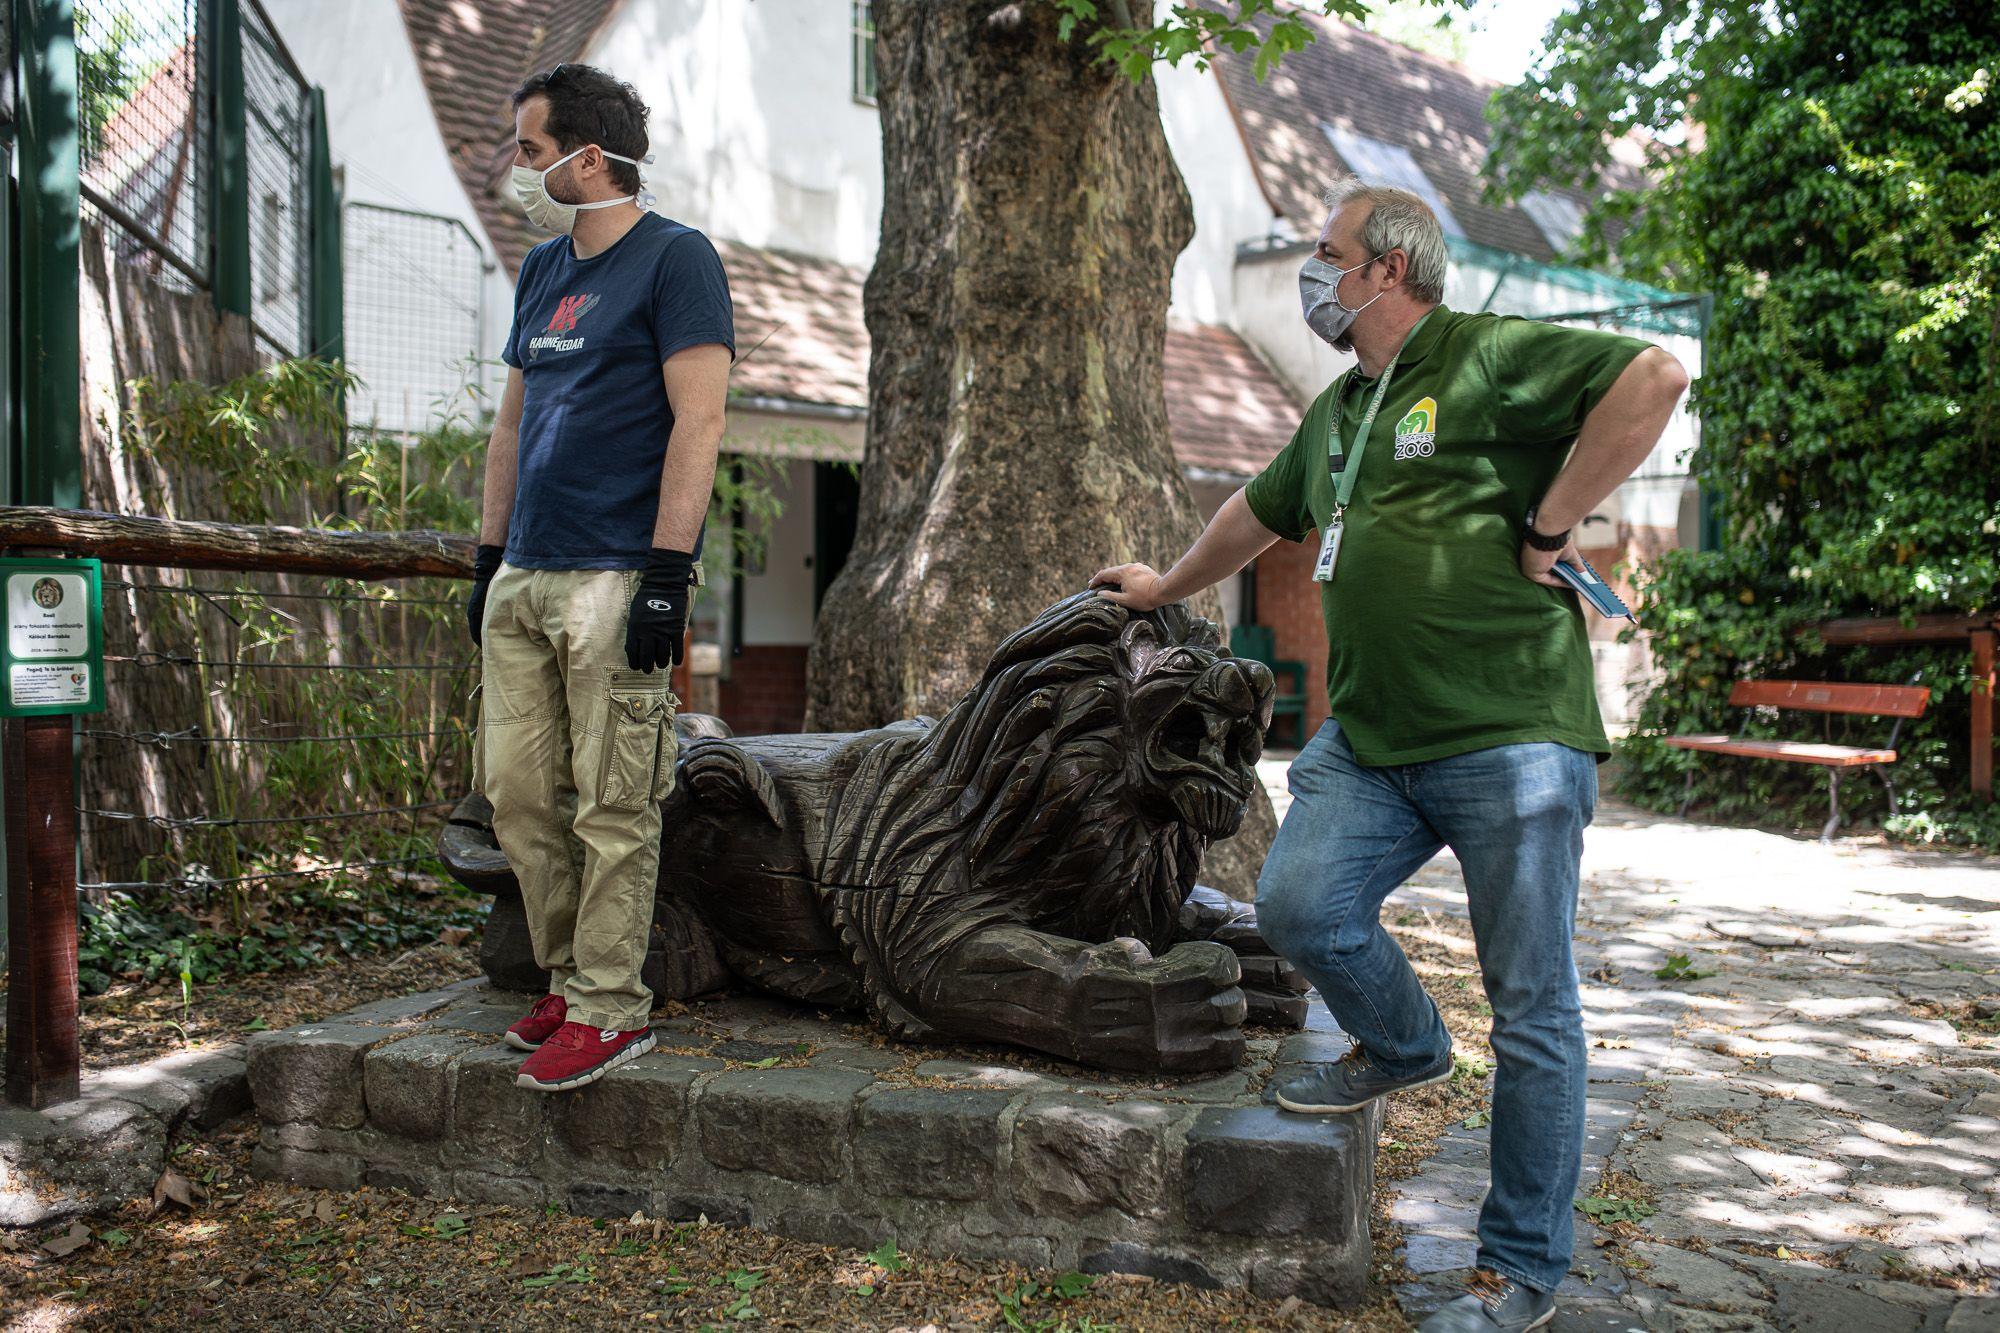 Hanga Zoltán az oroszlánketrec előtt a Budapesti Állat- és Növénykertben